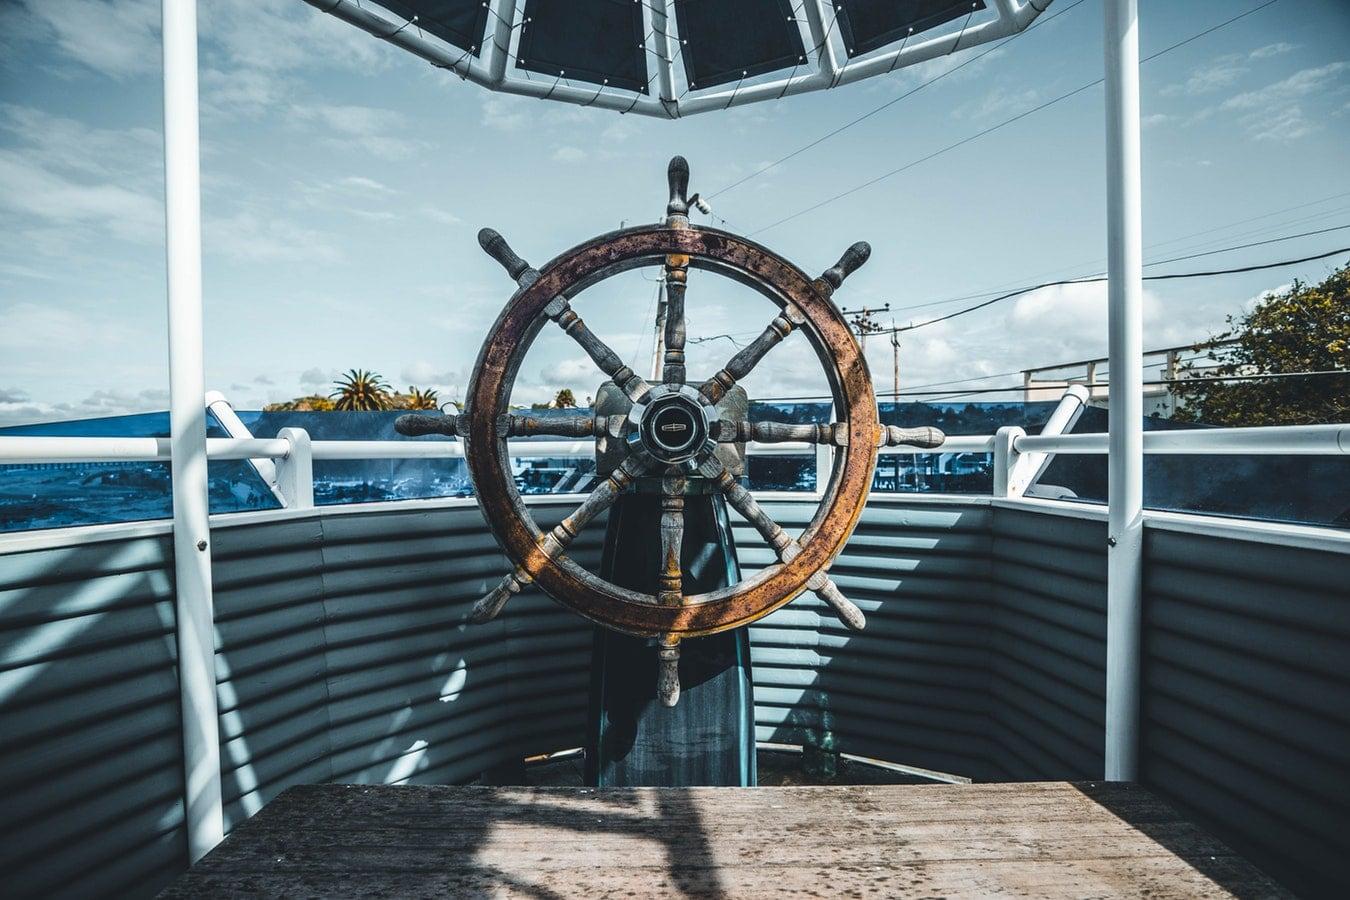 Die Bootssaison steht kurz bevor: Zeit, ein paar Vorbereitungen zu treffen